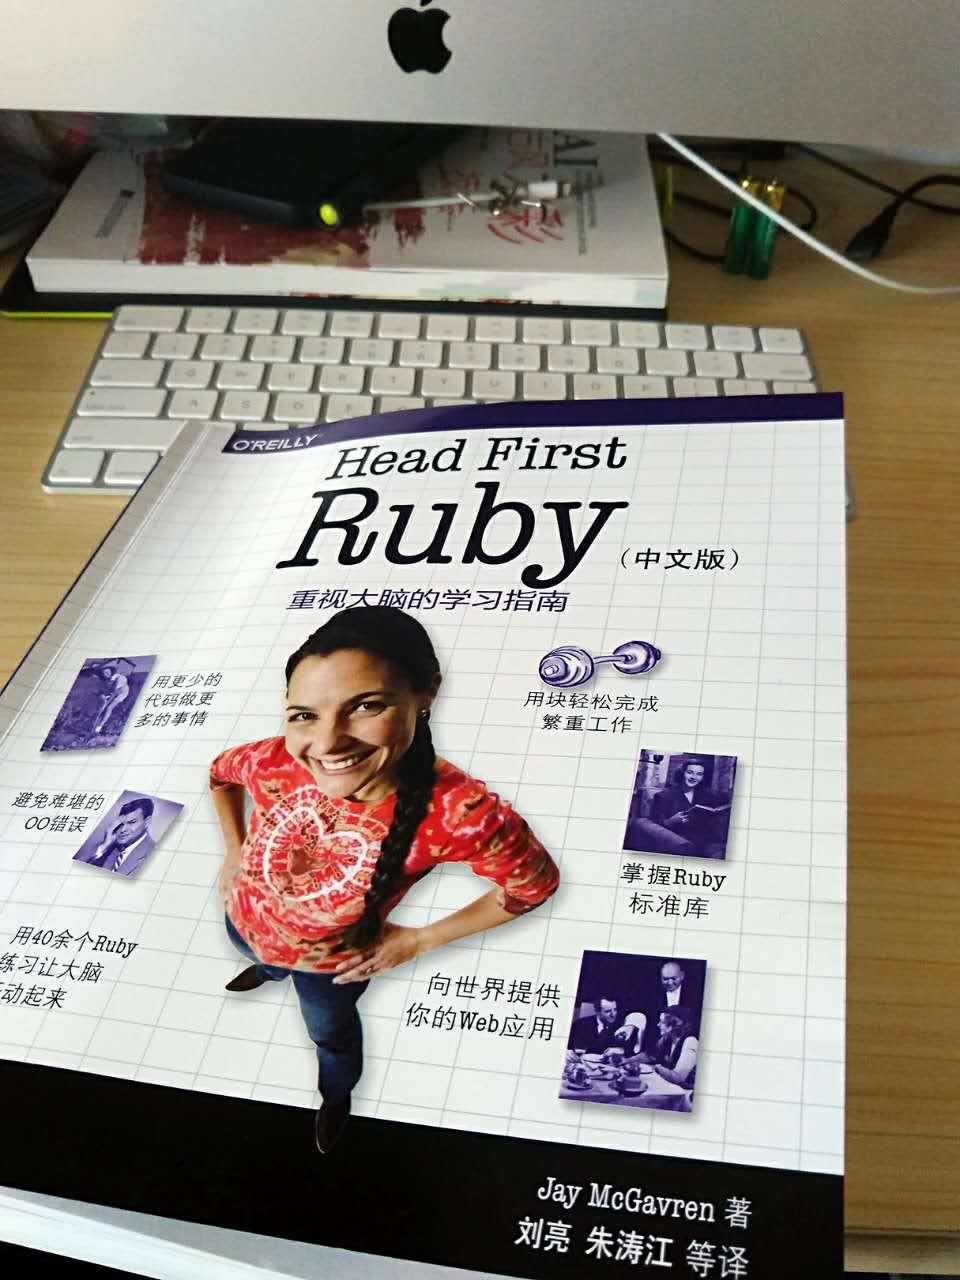 5口气读完《Head First Ruby》